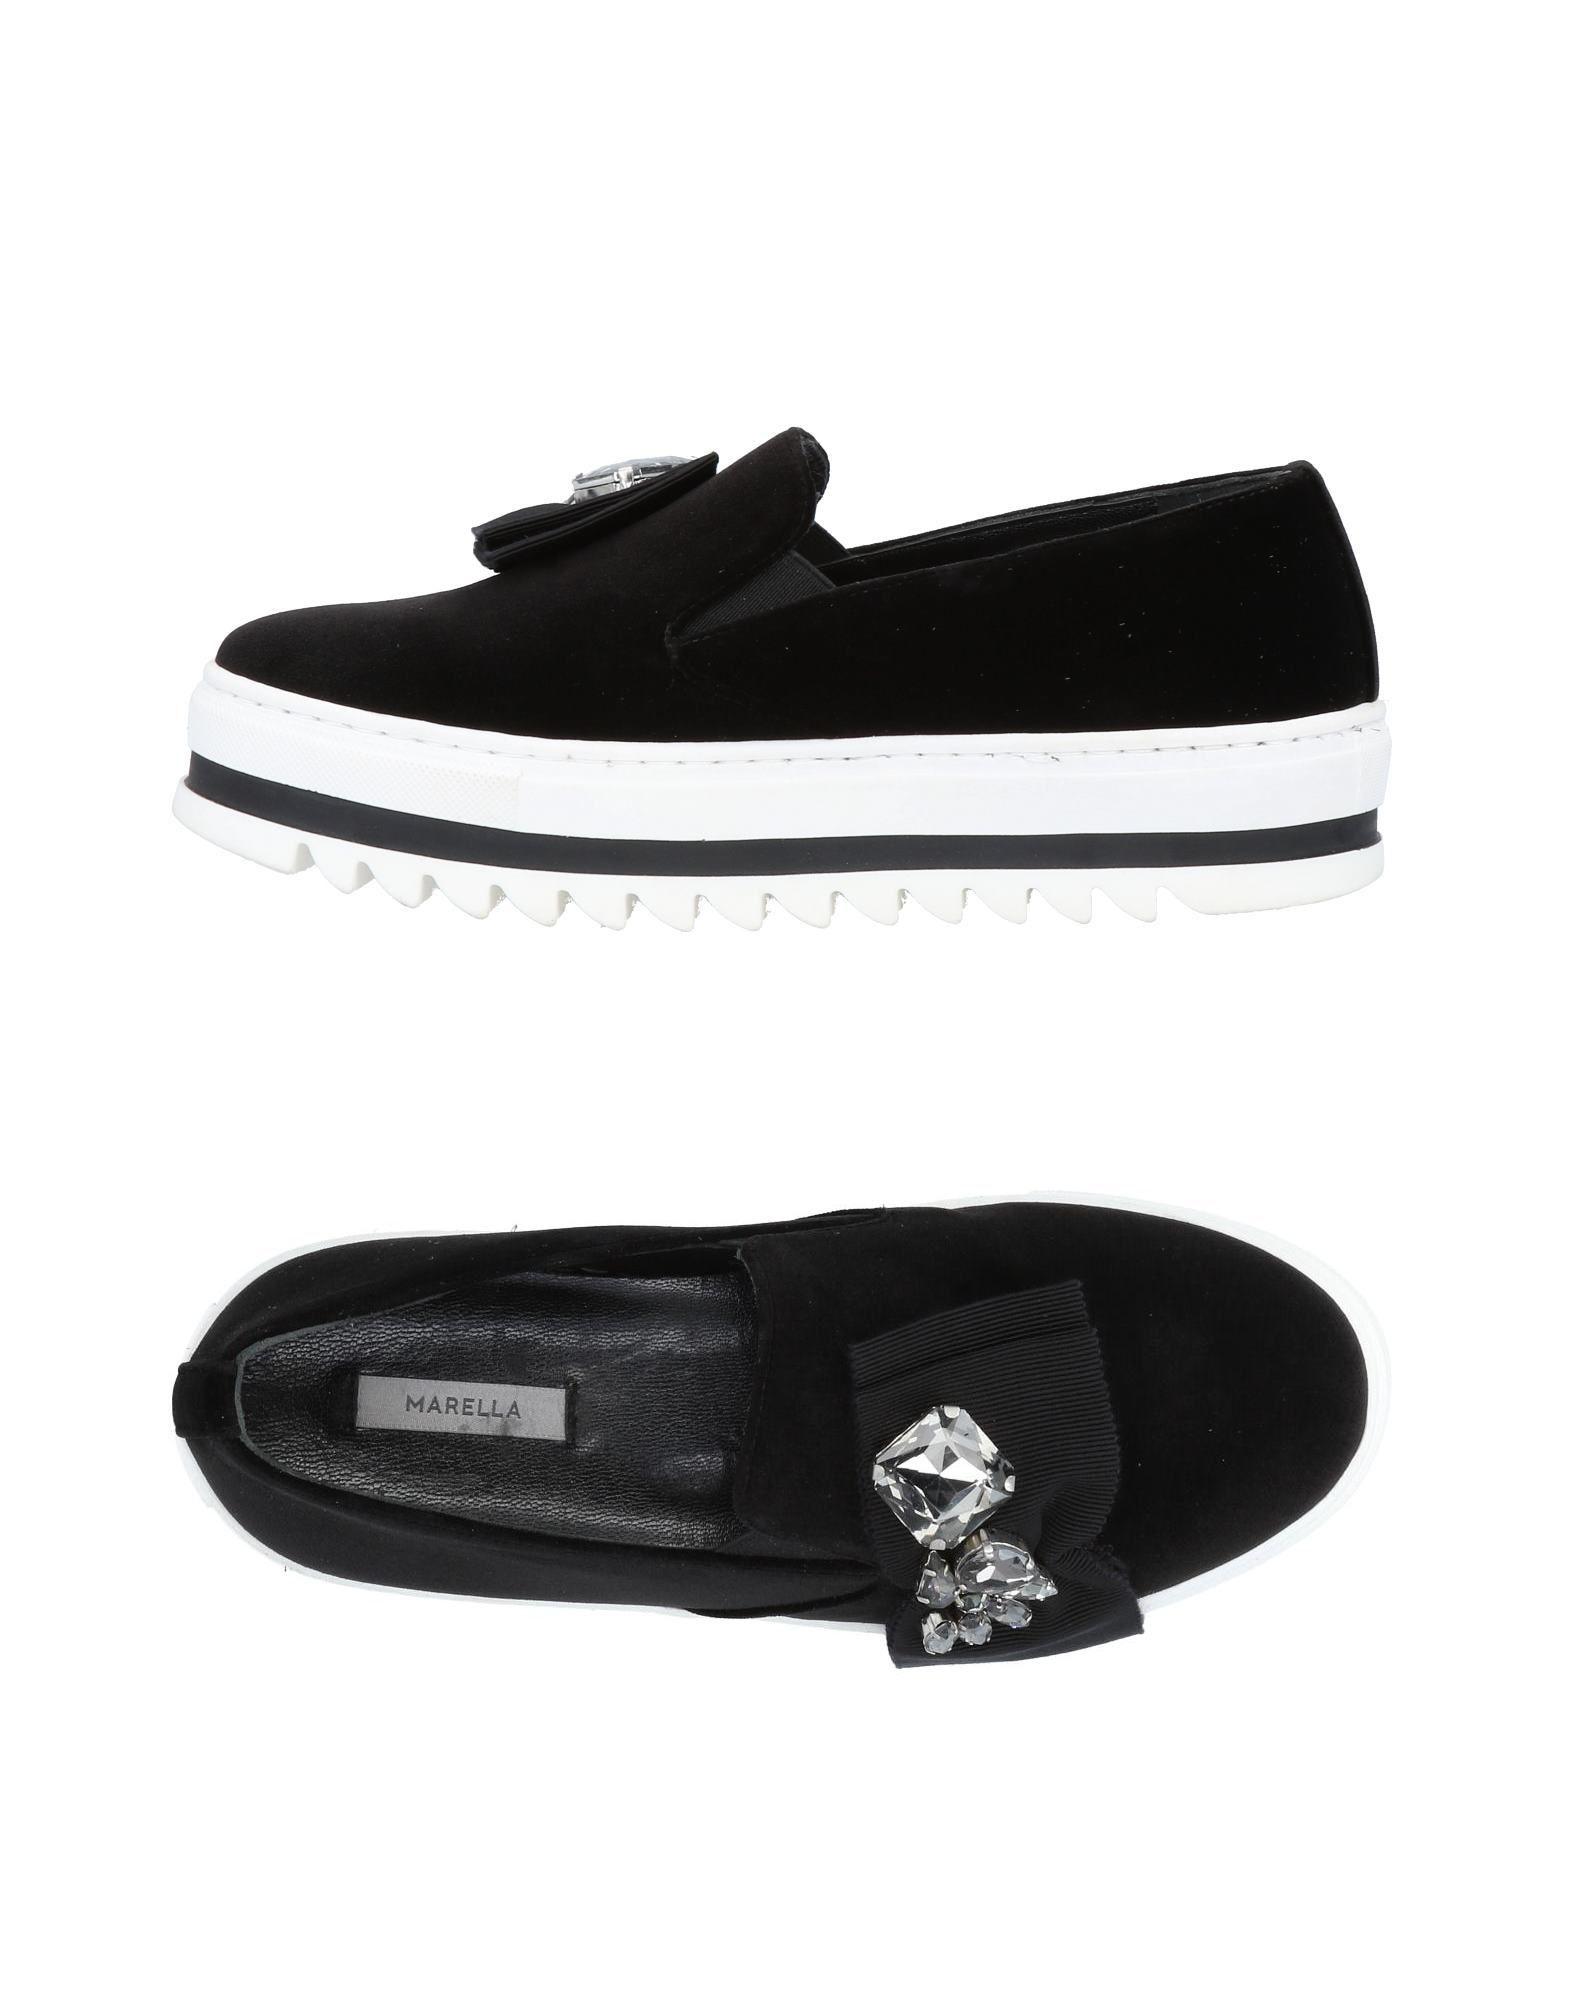 Scarpe economiche e resistenti Sneakers Marella Donna - 11484561RO